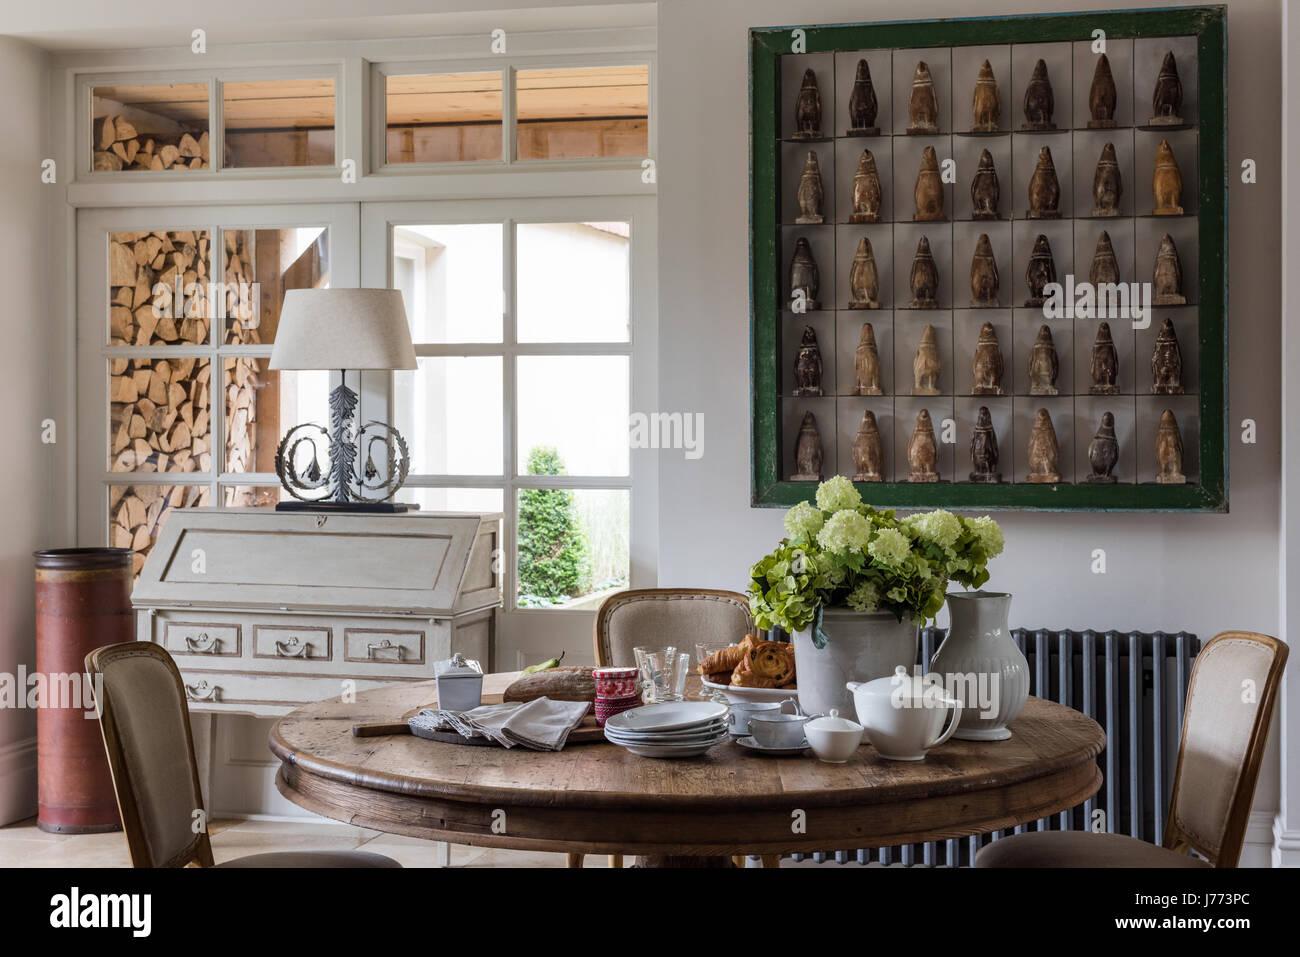 Pinguin Figuren Fett grün umrandet auf Wand der Küche. Das Präsidium, die Lampe und den runden Tisch Stockbild